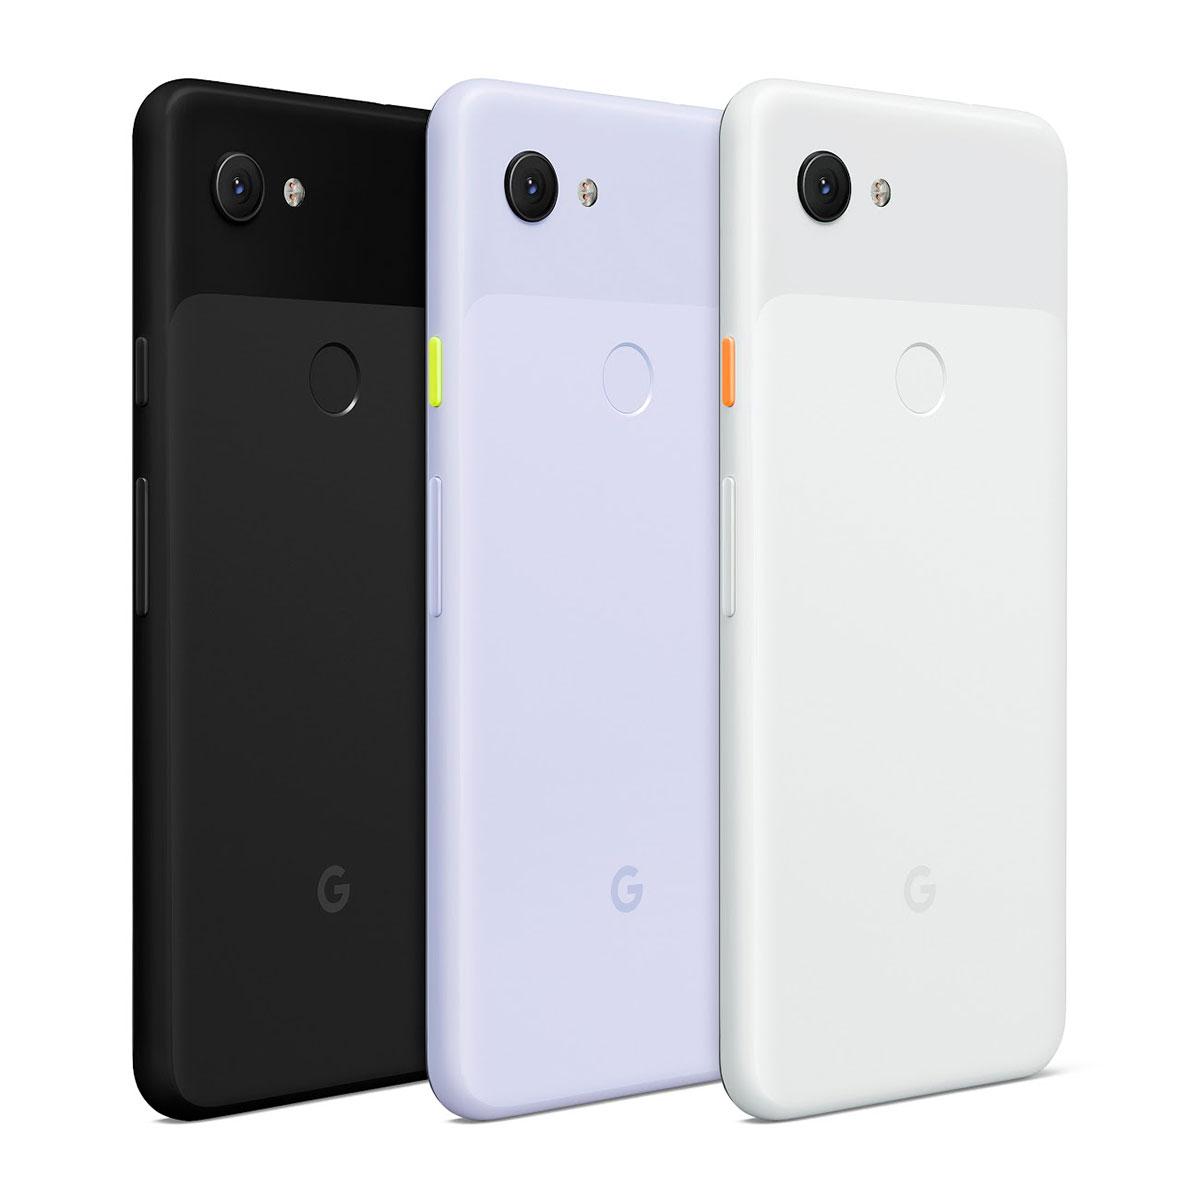 【今週発売の注目製品】グーグルから、48,600円のスマートフォン「Pixel 3a」などが登場